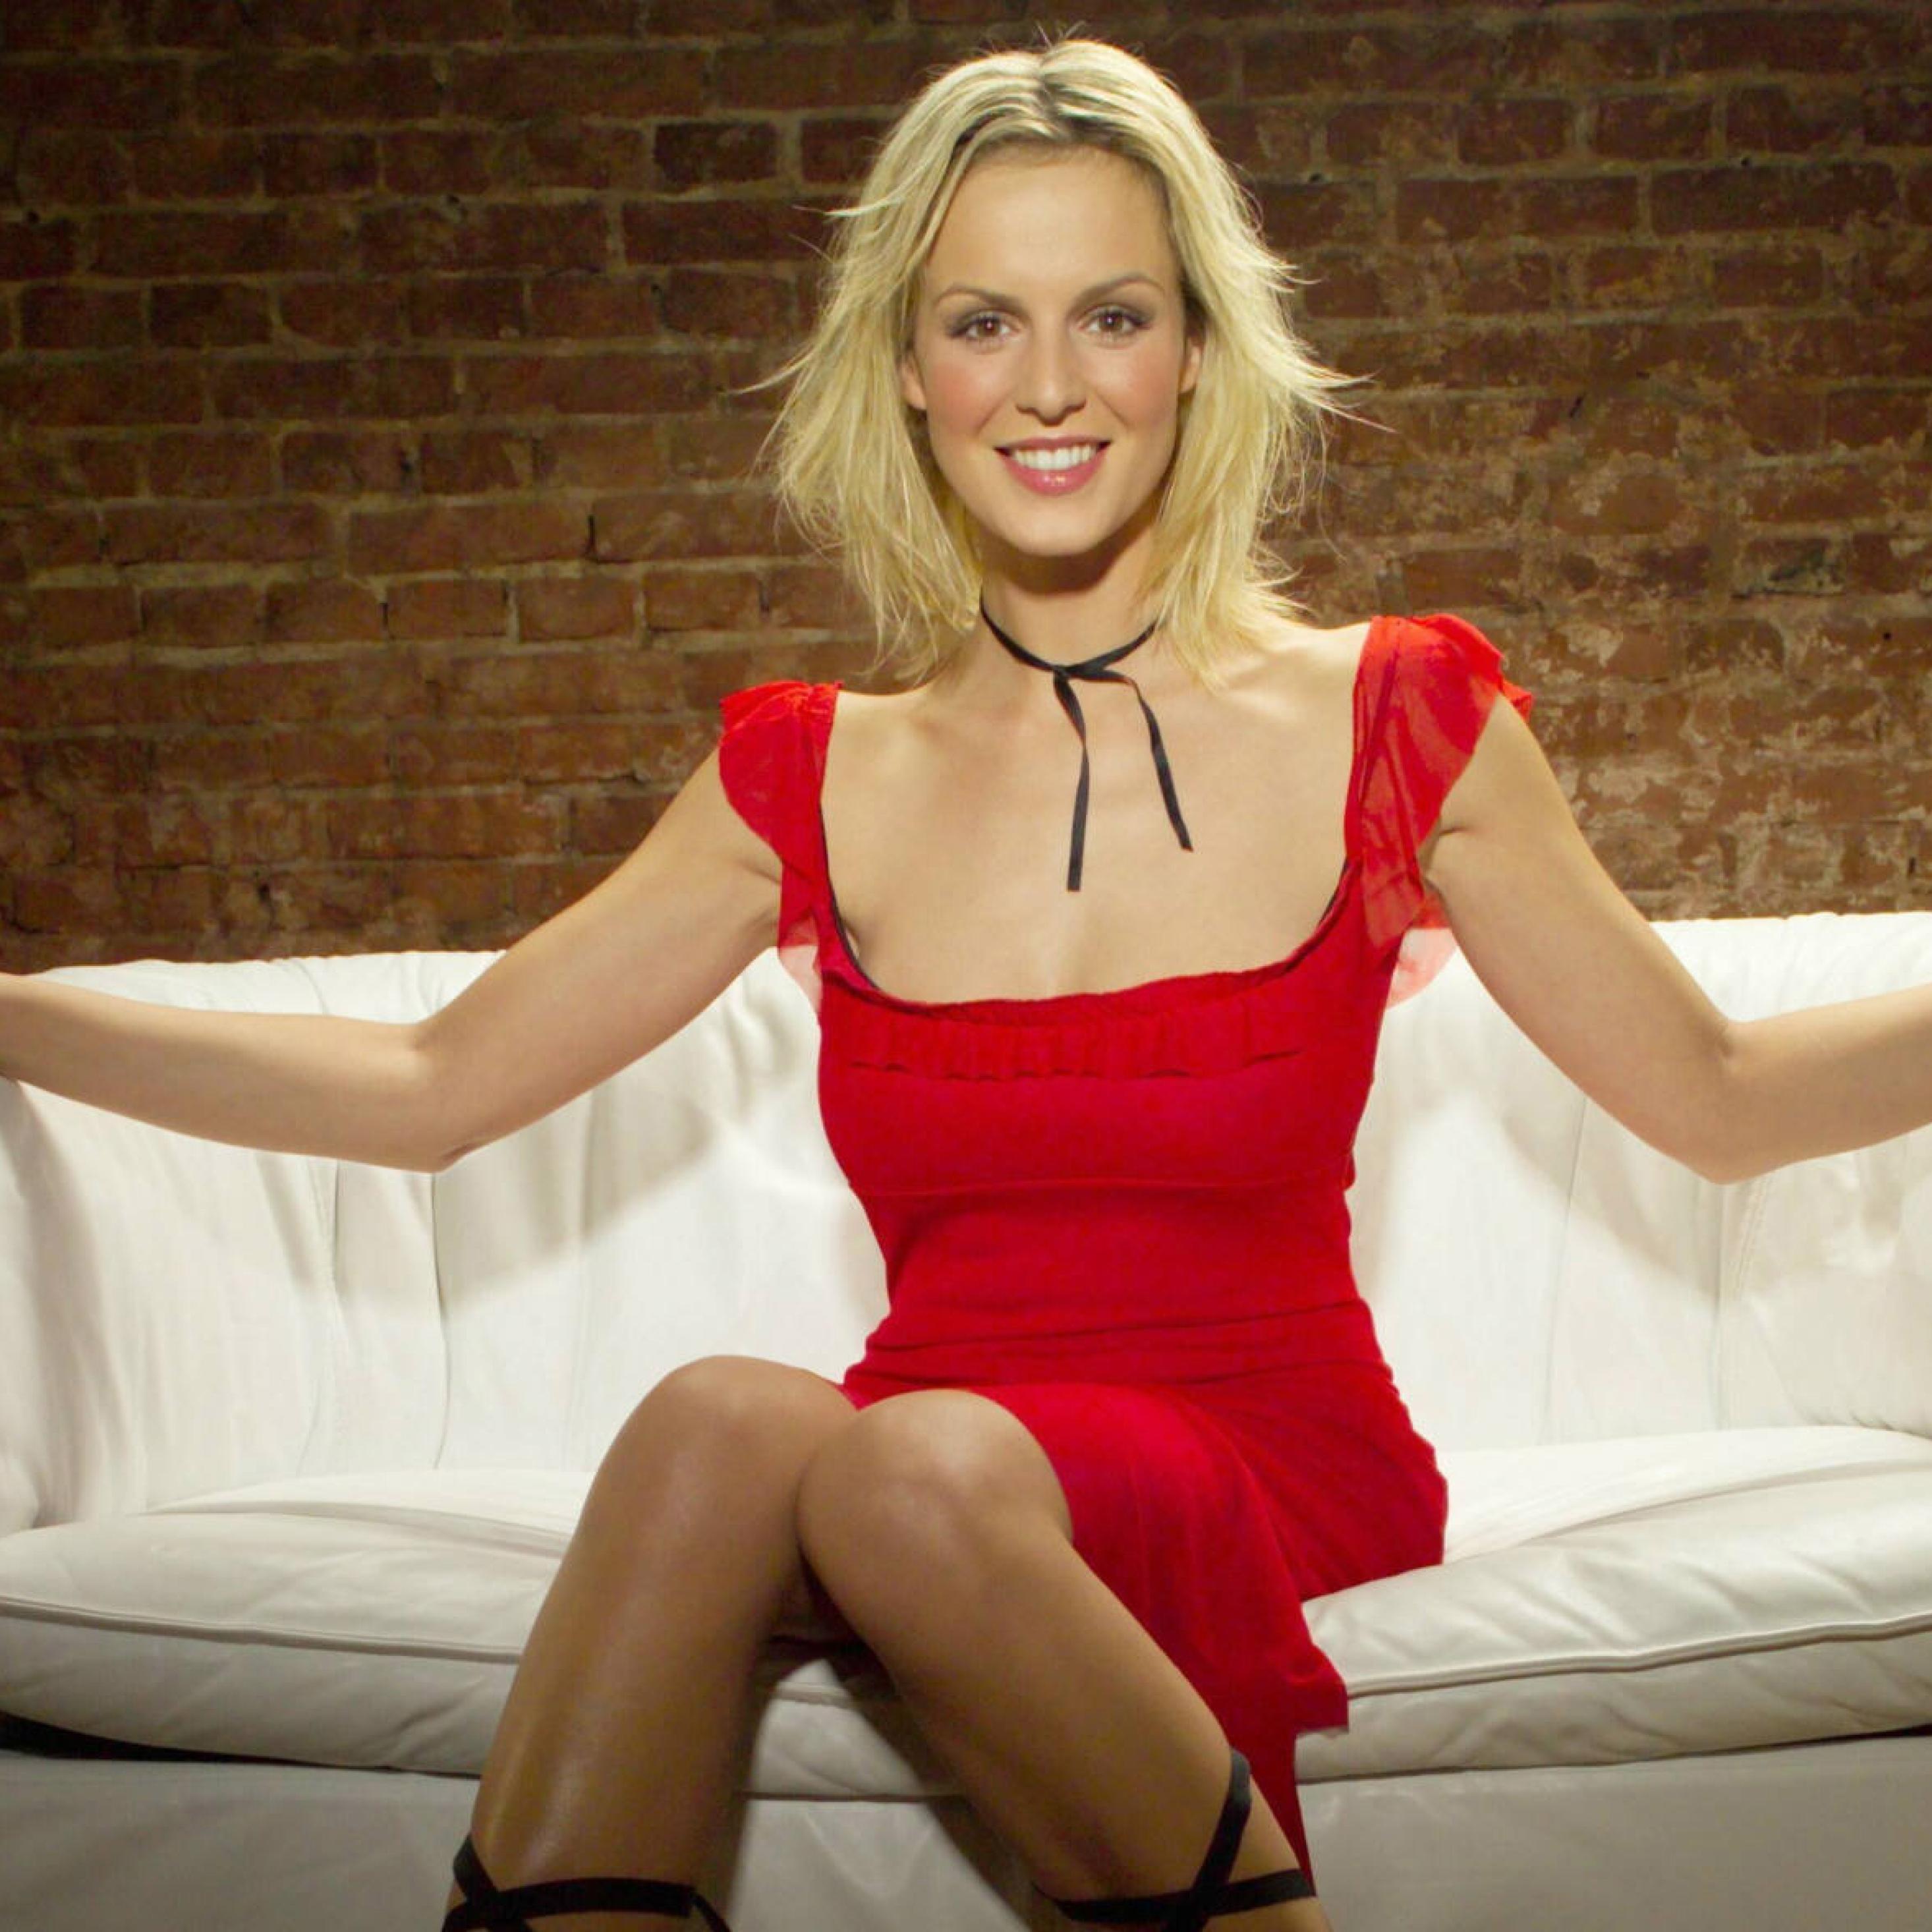 2932x2932 Anja Nejarri red dress Sofa Ipad Pro Retina